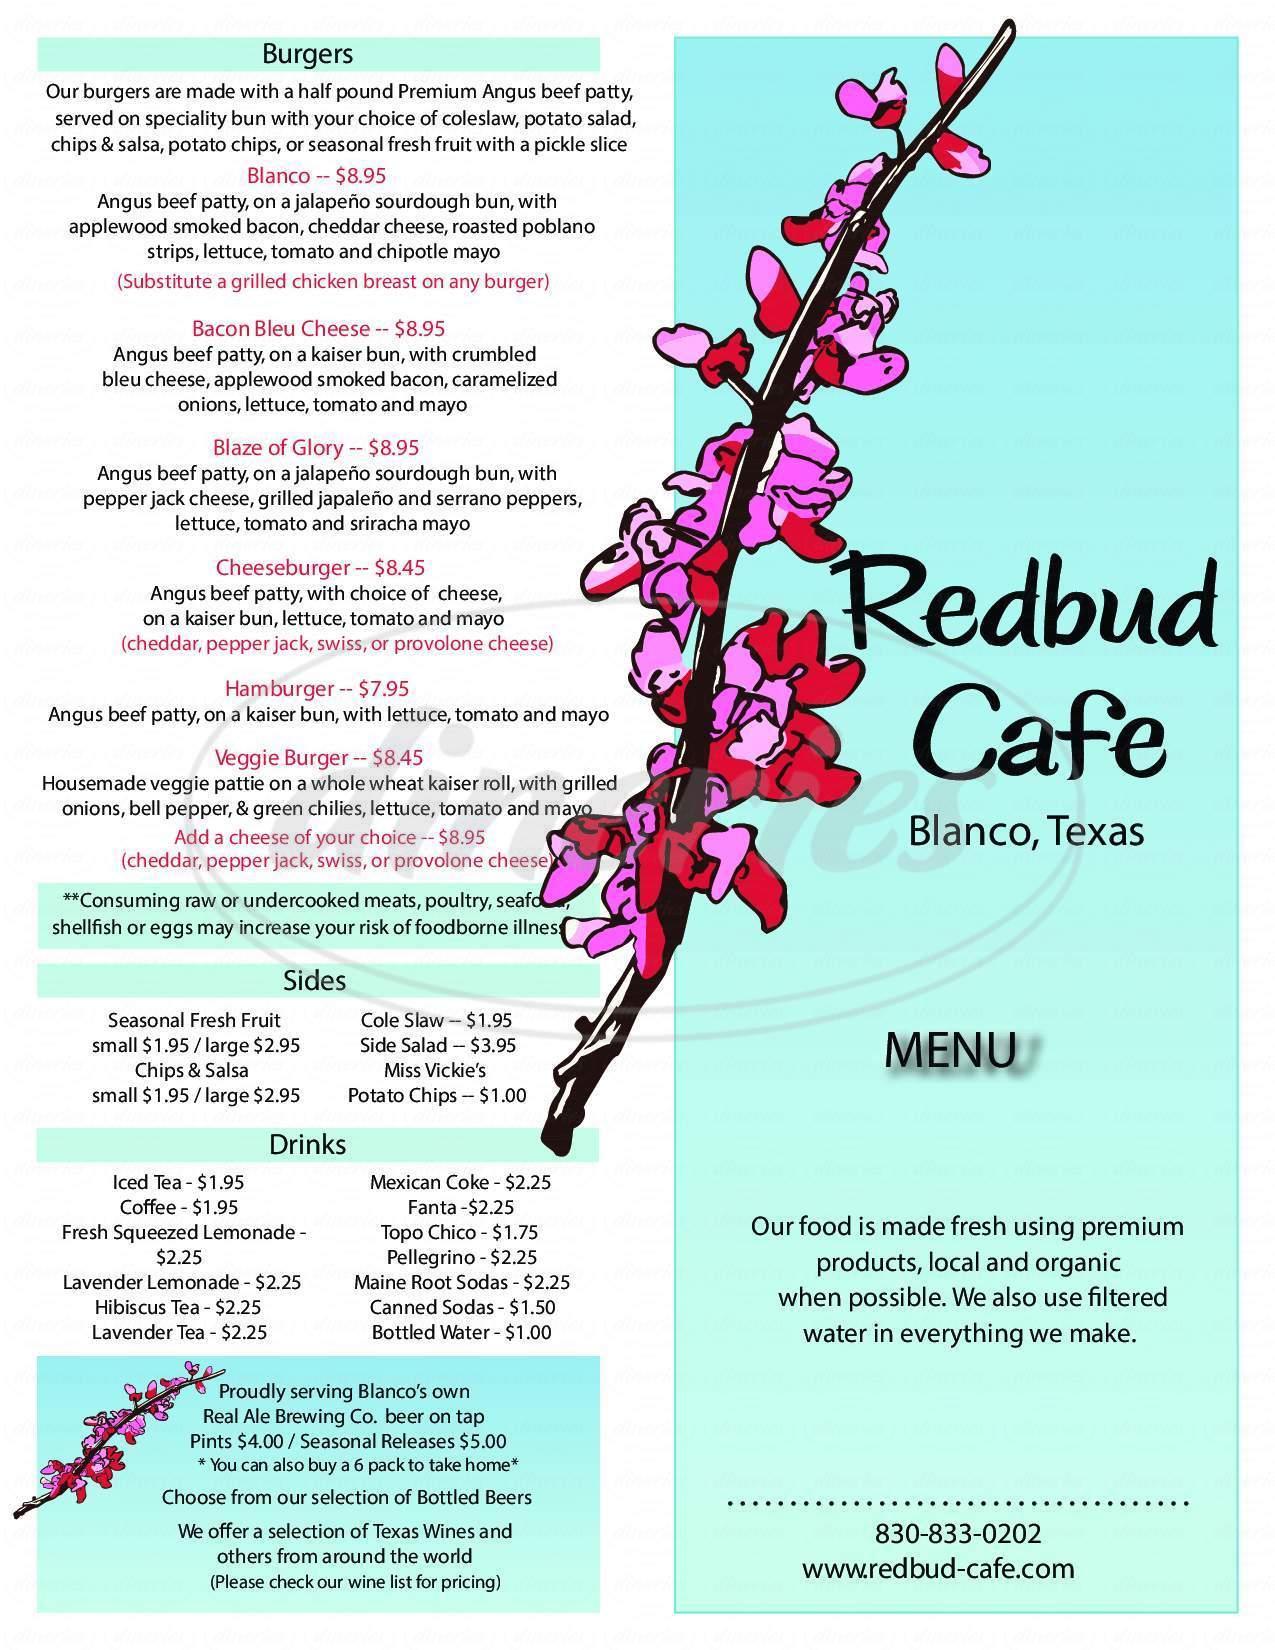 menu for Redbud Cafe Market and Pub